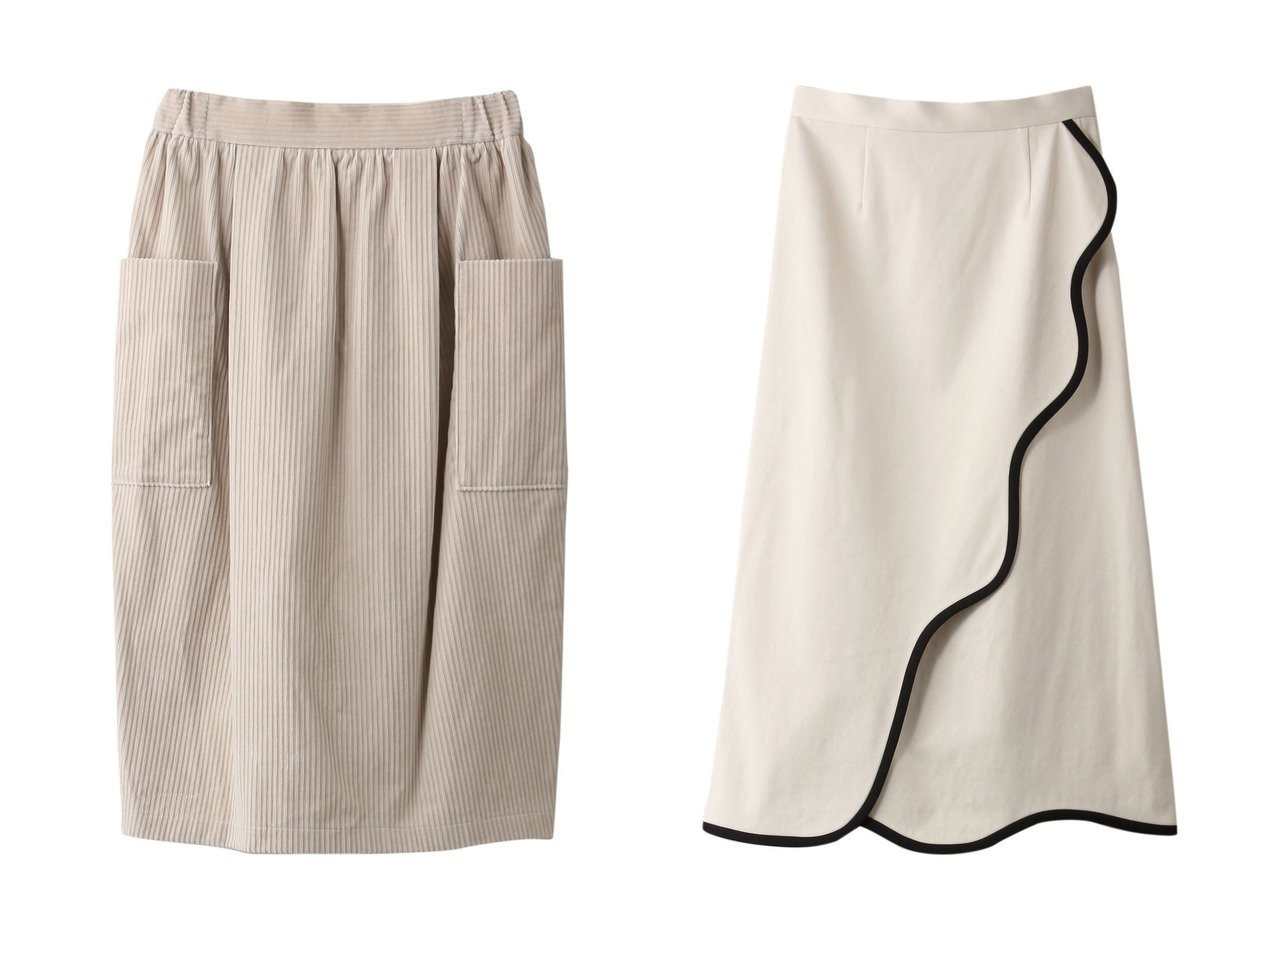 【mizuiro ind/ミズイロ インド】のコーデュロイサイドポケットスカート&【LE CIEL BLEU/ルシェル ブルー】のオーガニックラインスカート 【スカート】おすすめ!人気、トレンド・レディースファッションの通販 おすすめで人気の流行・トレンド、ファッションの通販商品 インテリア・家具・メンズファッション・キッズファッション・レディースファッション・服の通販 founy(ファニー) https://founy.com/ ファッション Fashion レディースファッション WOMEN スカート Skirt ロングスカート Long Skirt ギャザー コーデュロイ シンプル ポケット ロング |ID:crp329100000070669